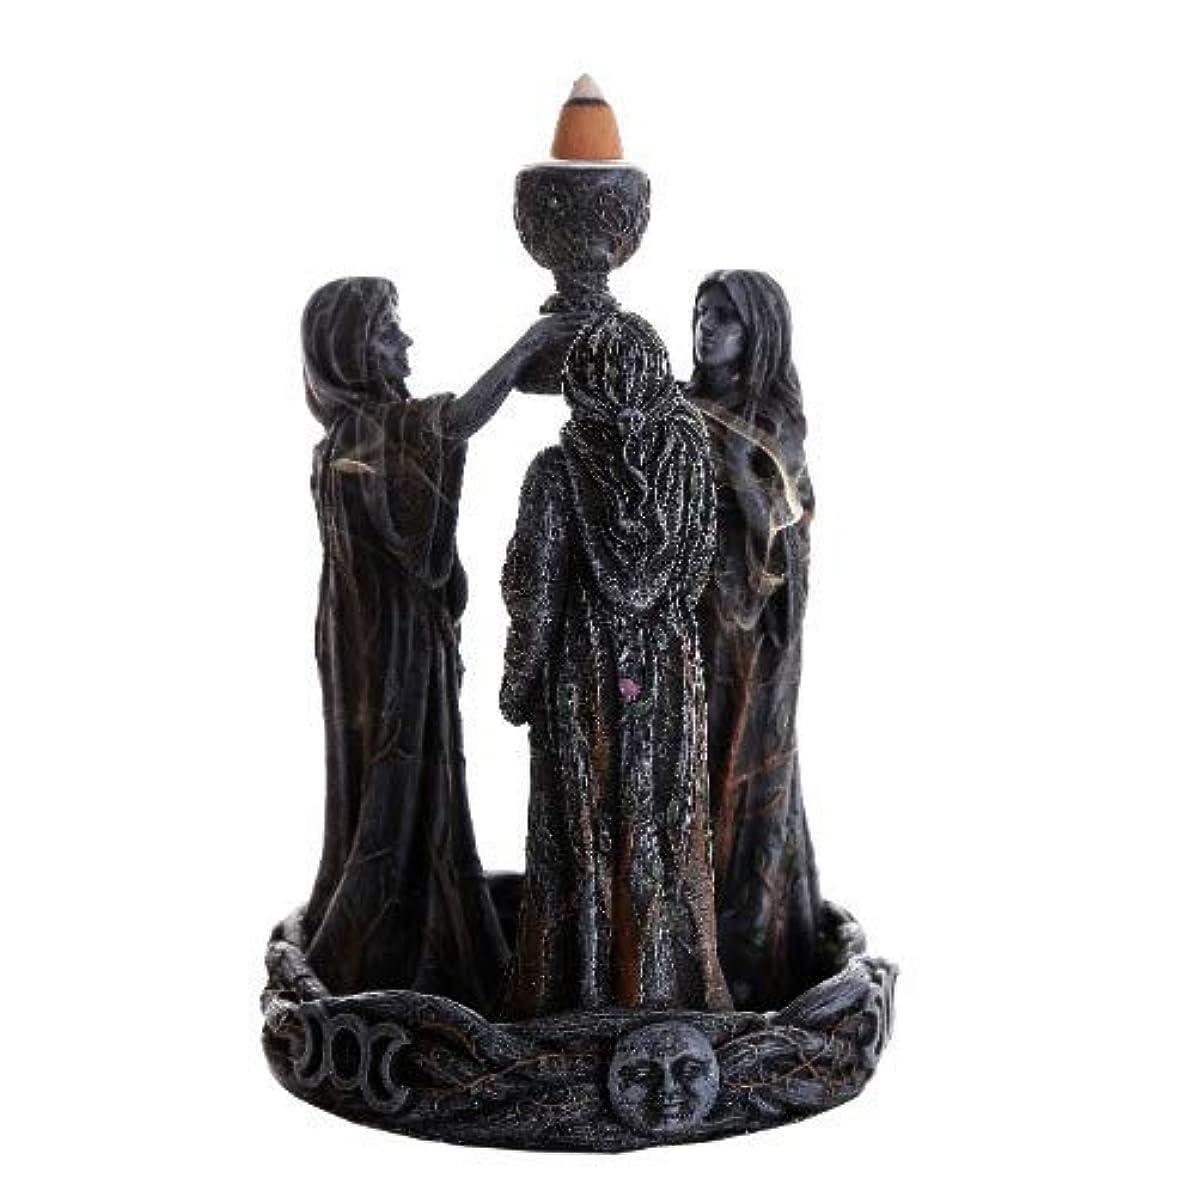 圧縮する空洞億3魔術師(逆流香コーン) 香炉バーナー 逆香炉バーナーオブジェ Mother Maiden Crone Backflow Incense Burner